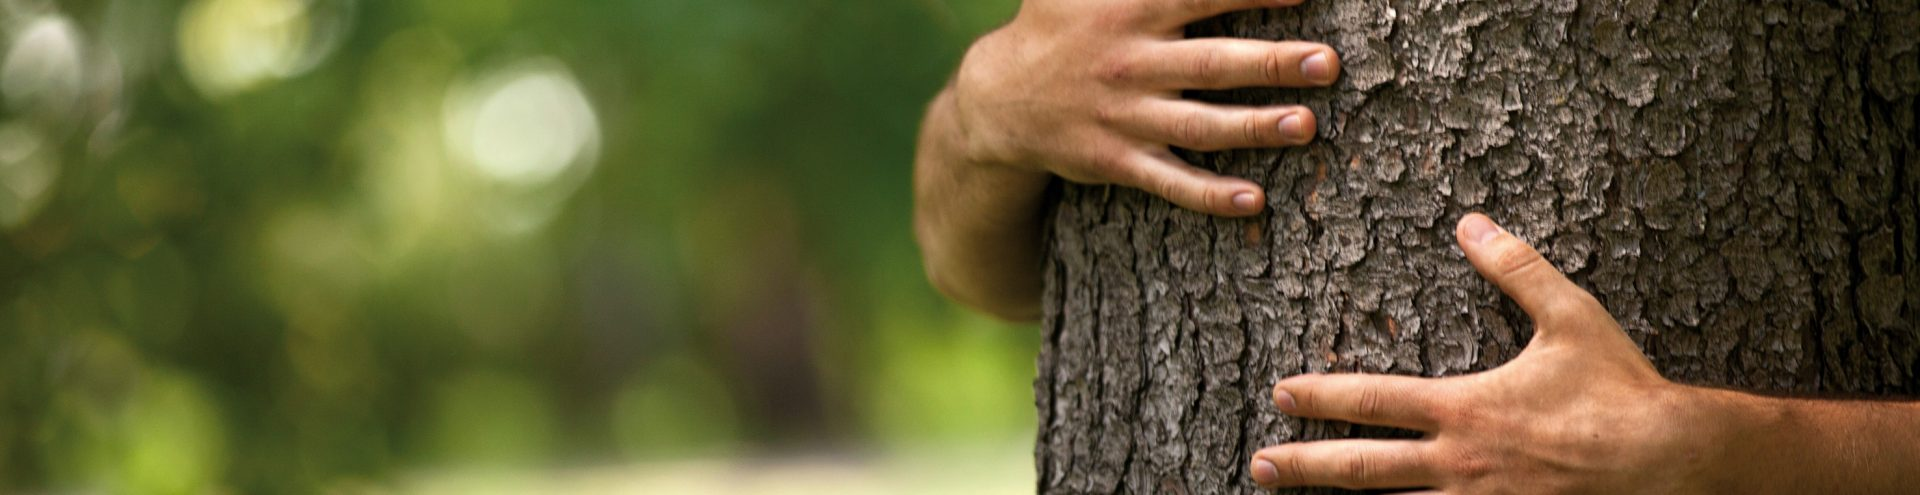 Kwaliteitslabel groen - Circulair groen - Bomen verplanten